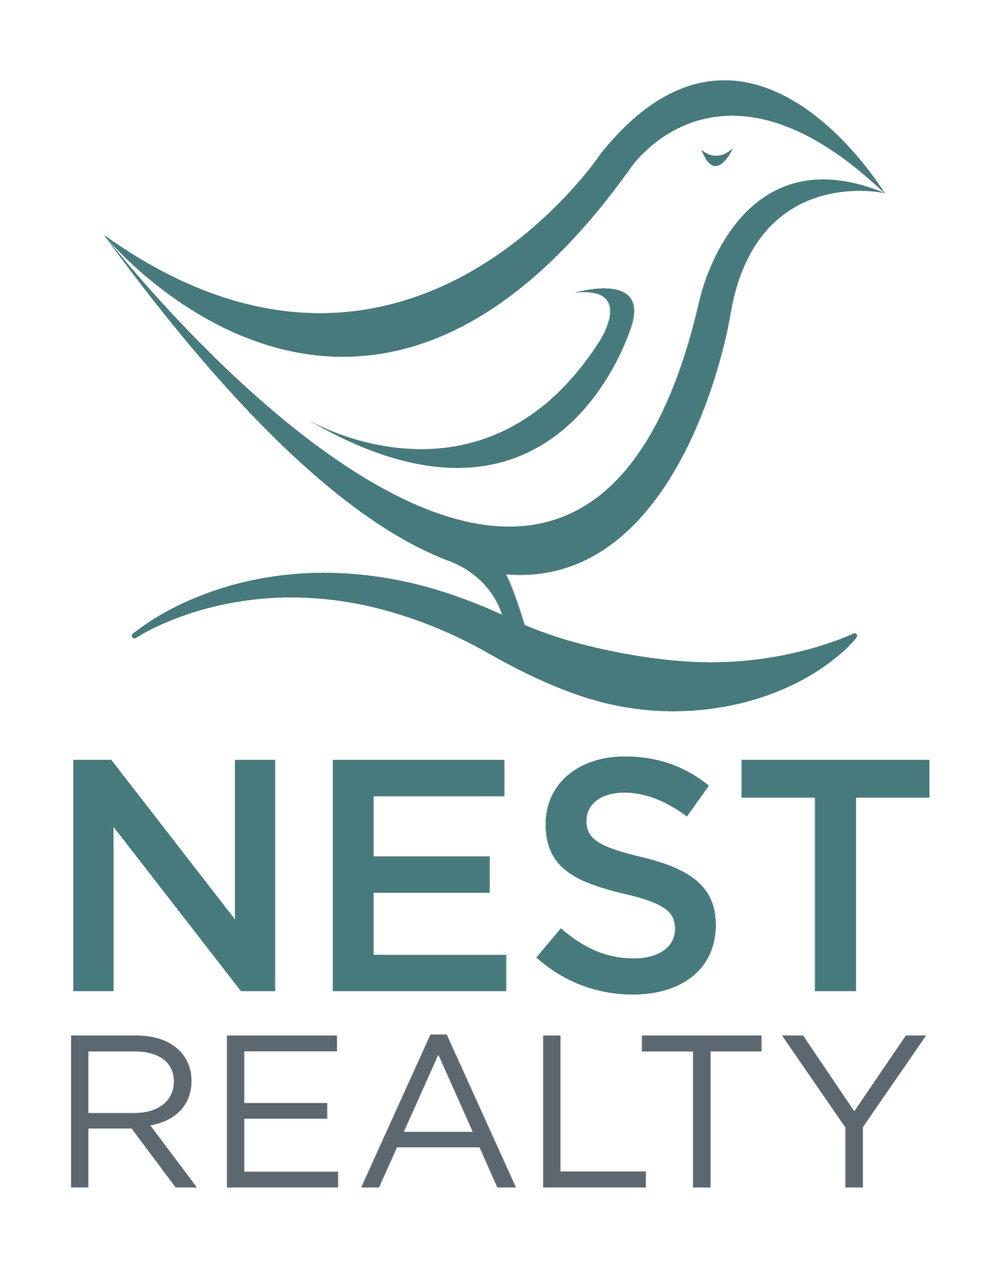 NestRealty-LOGO 2015.jpg